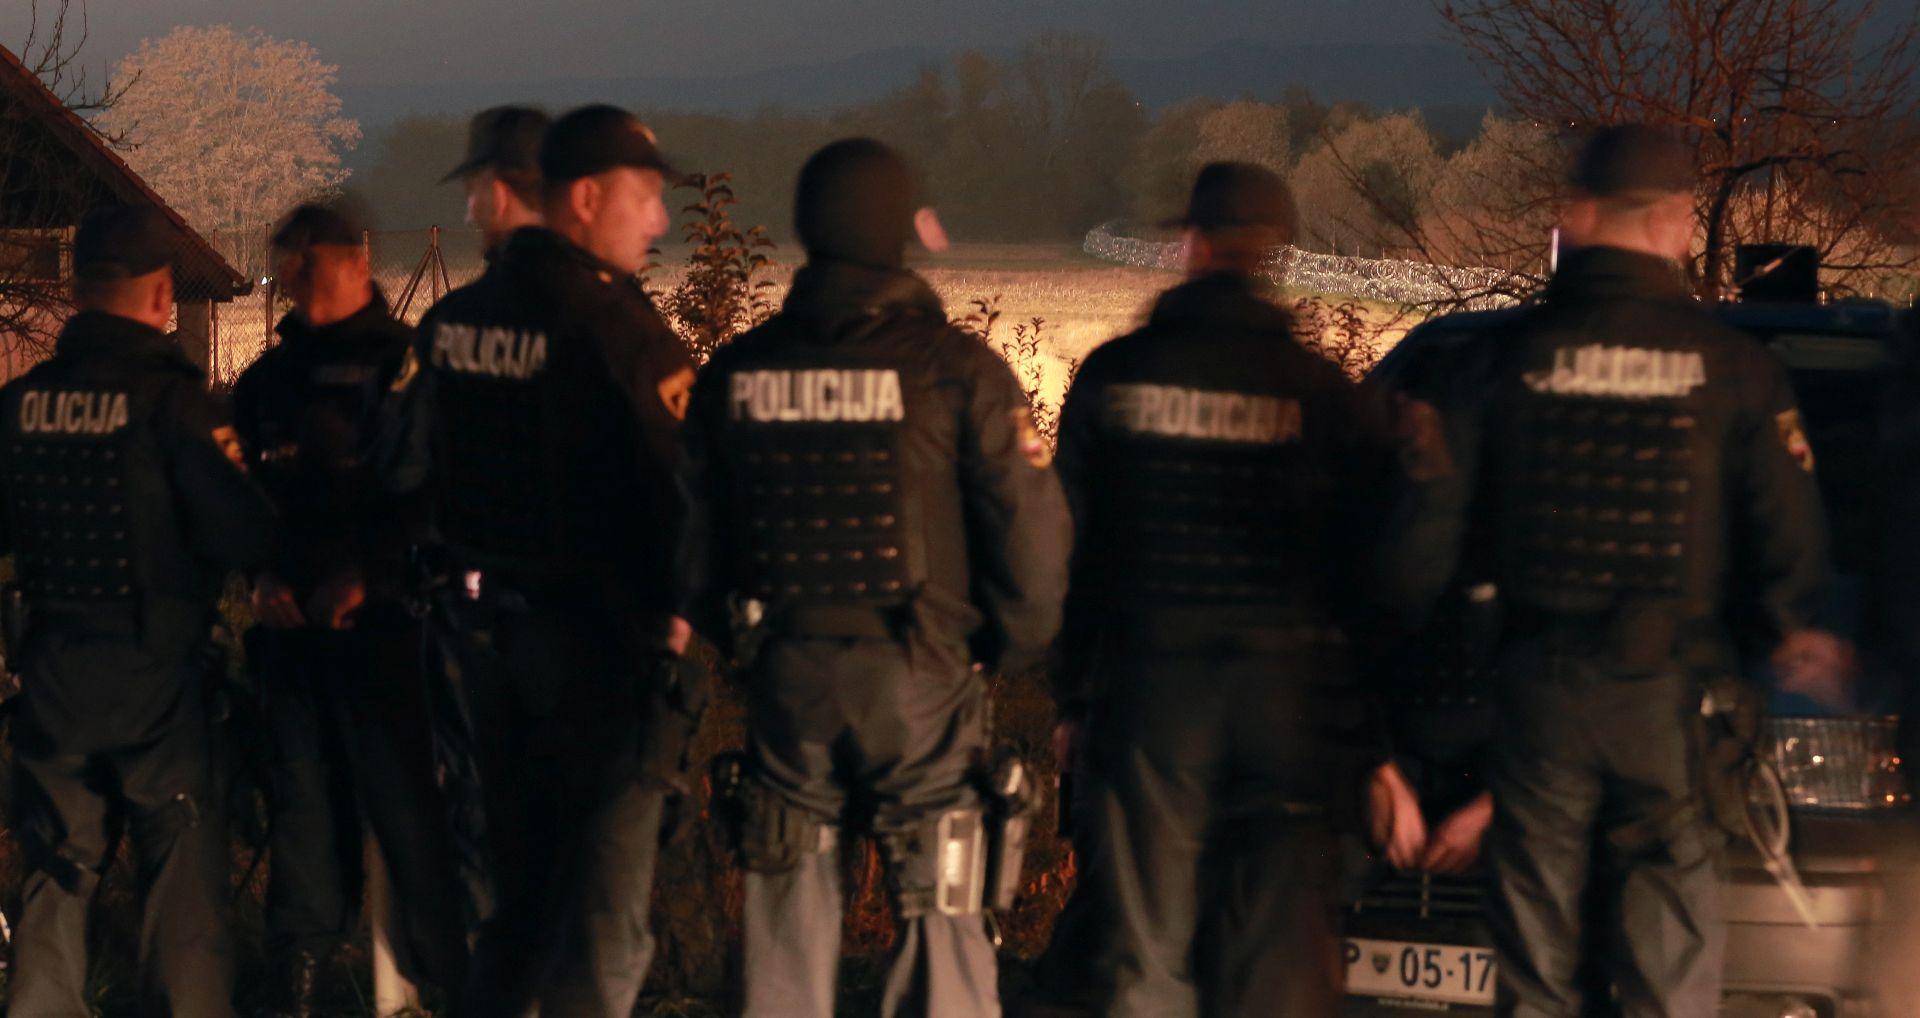 Slovenija: Policija ubila napadača na susjeda s kojim je bio u sporu, ranjena i dva policajca